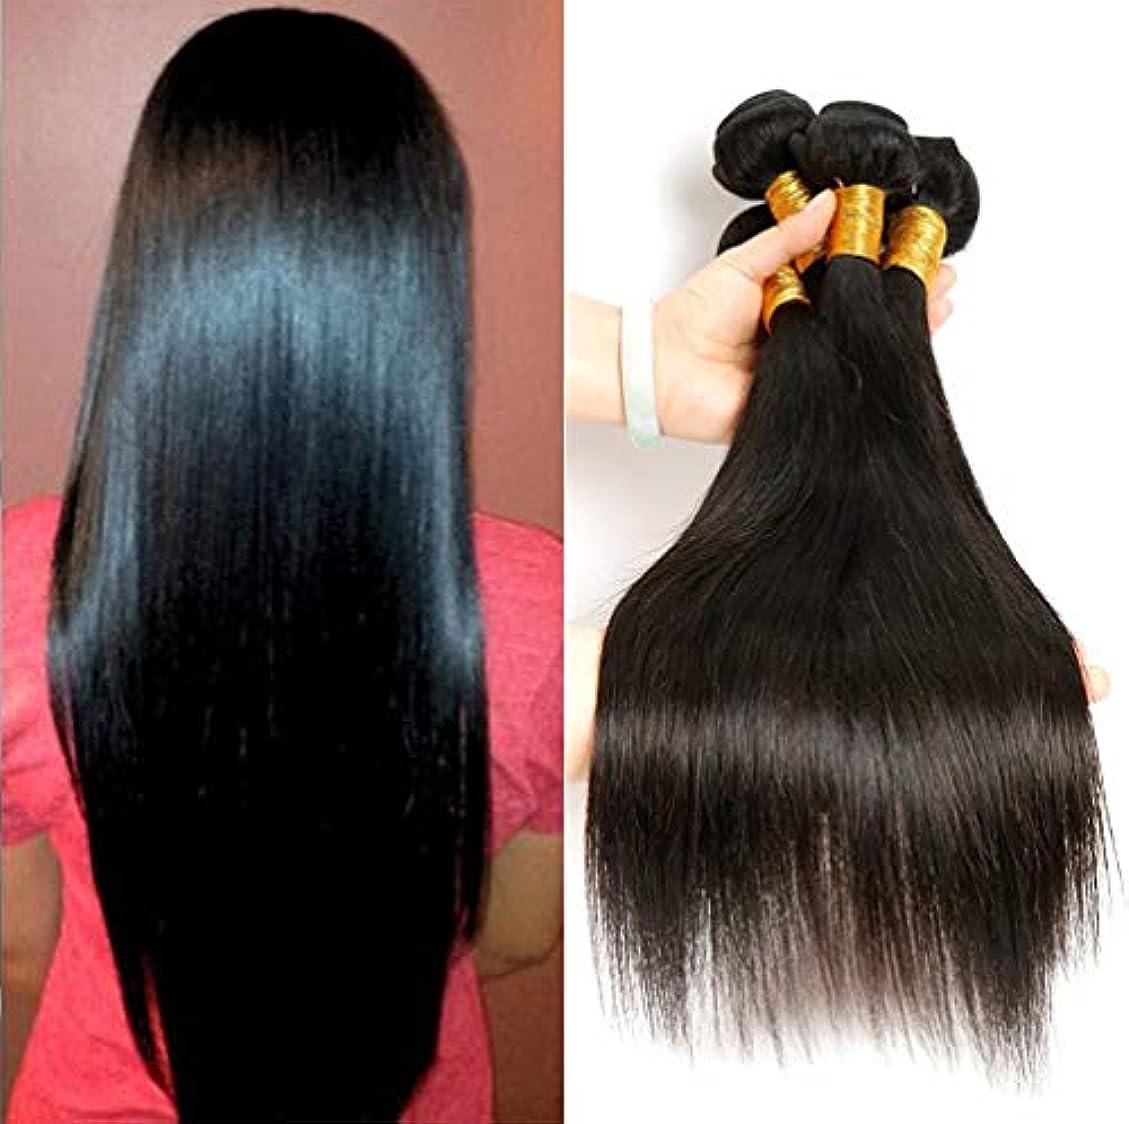 仕出します無数のニックネーム女性の髪織りブラジルのストレート人間の髪シルキーストレートバージン人間の髪織りエクステンションナチュラル(3バンドル)